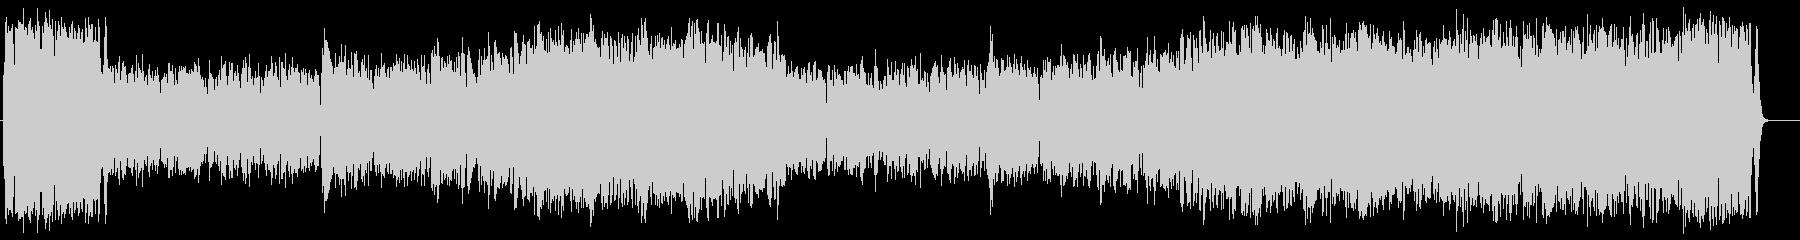 勇者のオーケストラ風音楽(フルサイズ)の未再生の波形